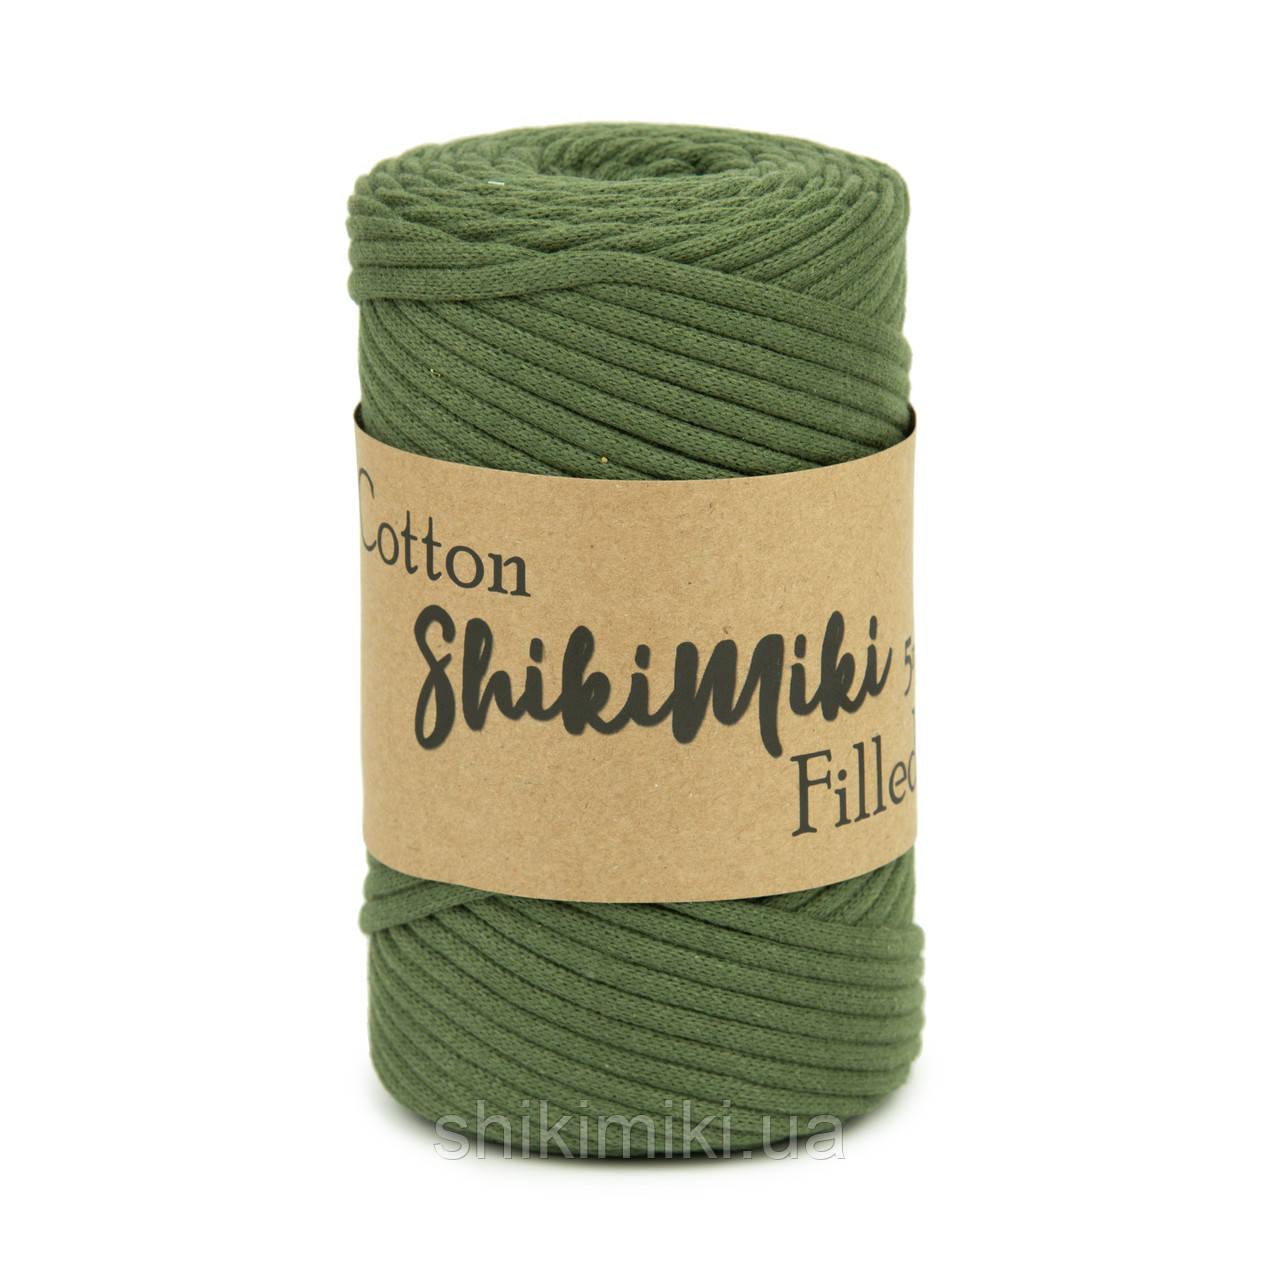 Трикотажный хлопковый шнур Cotton Filled 5 мм, цвет Светлый хаки